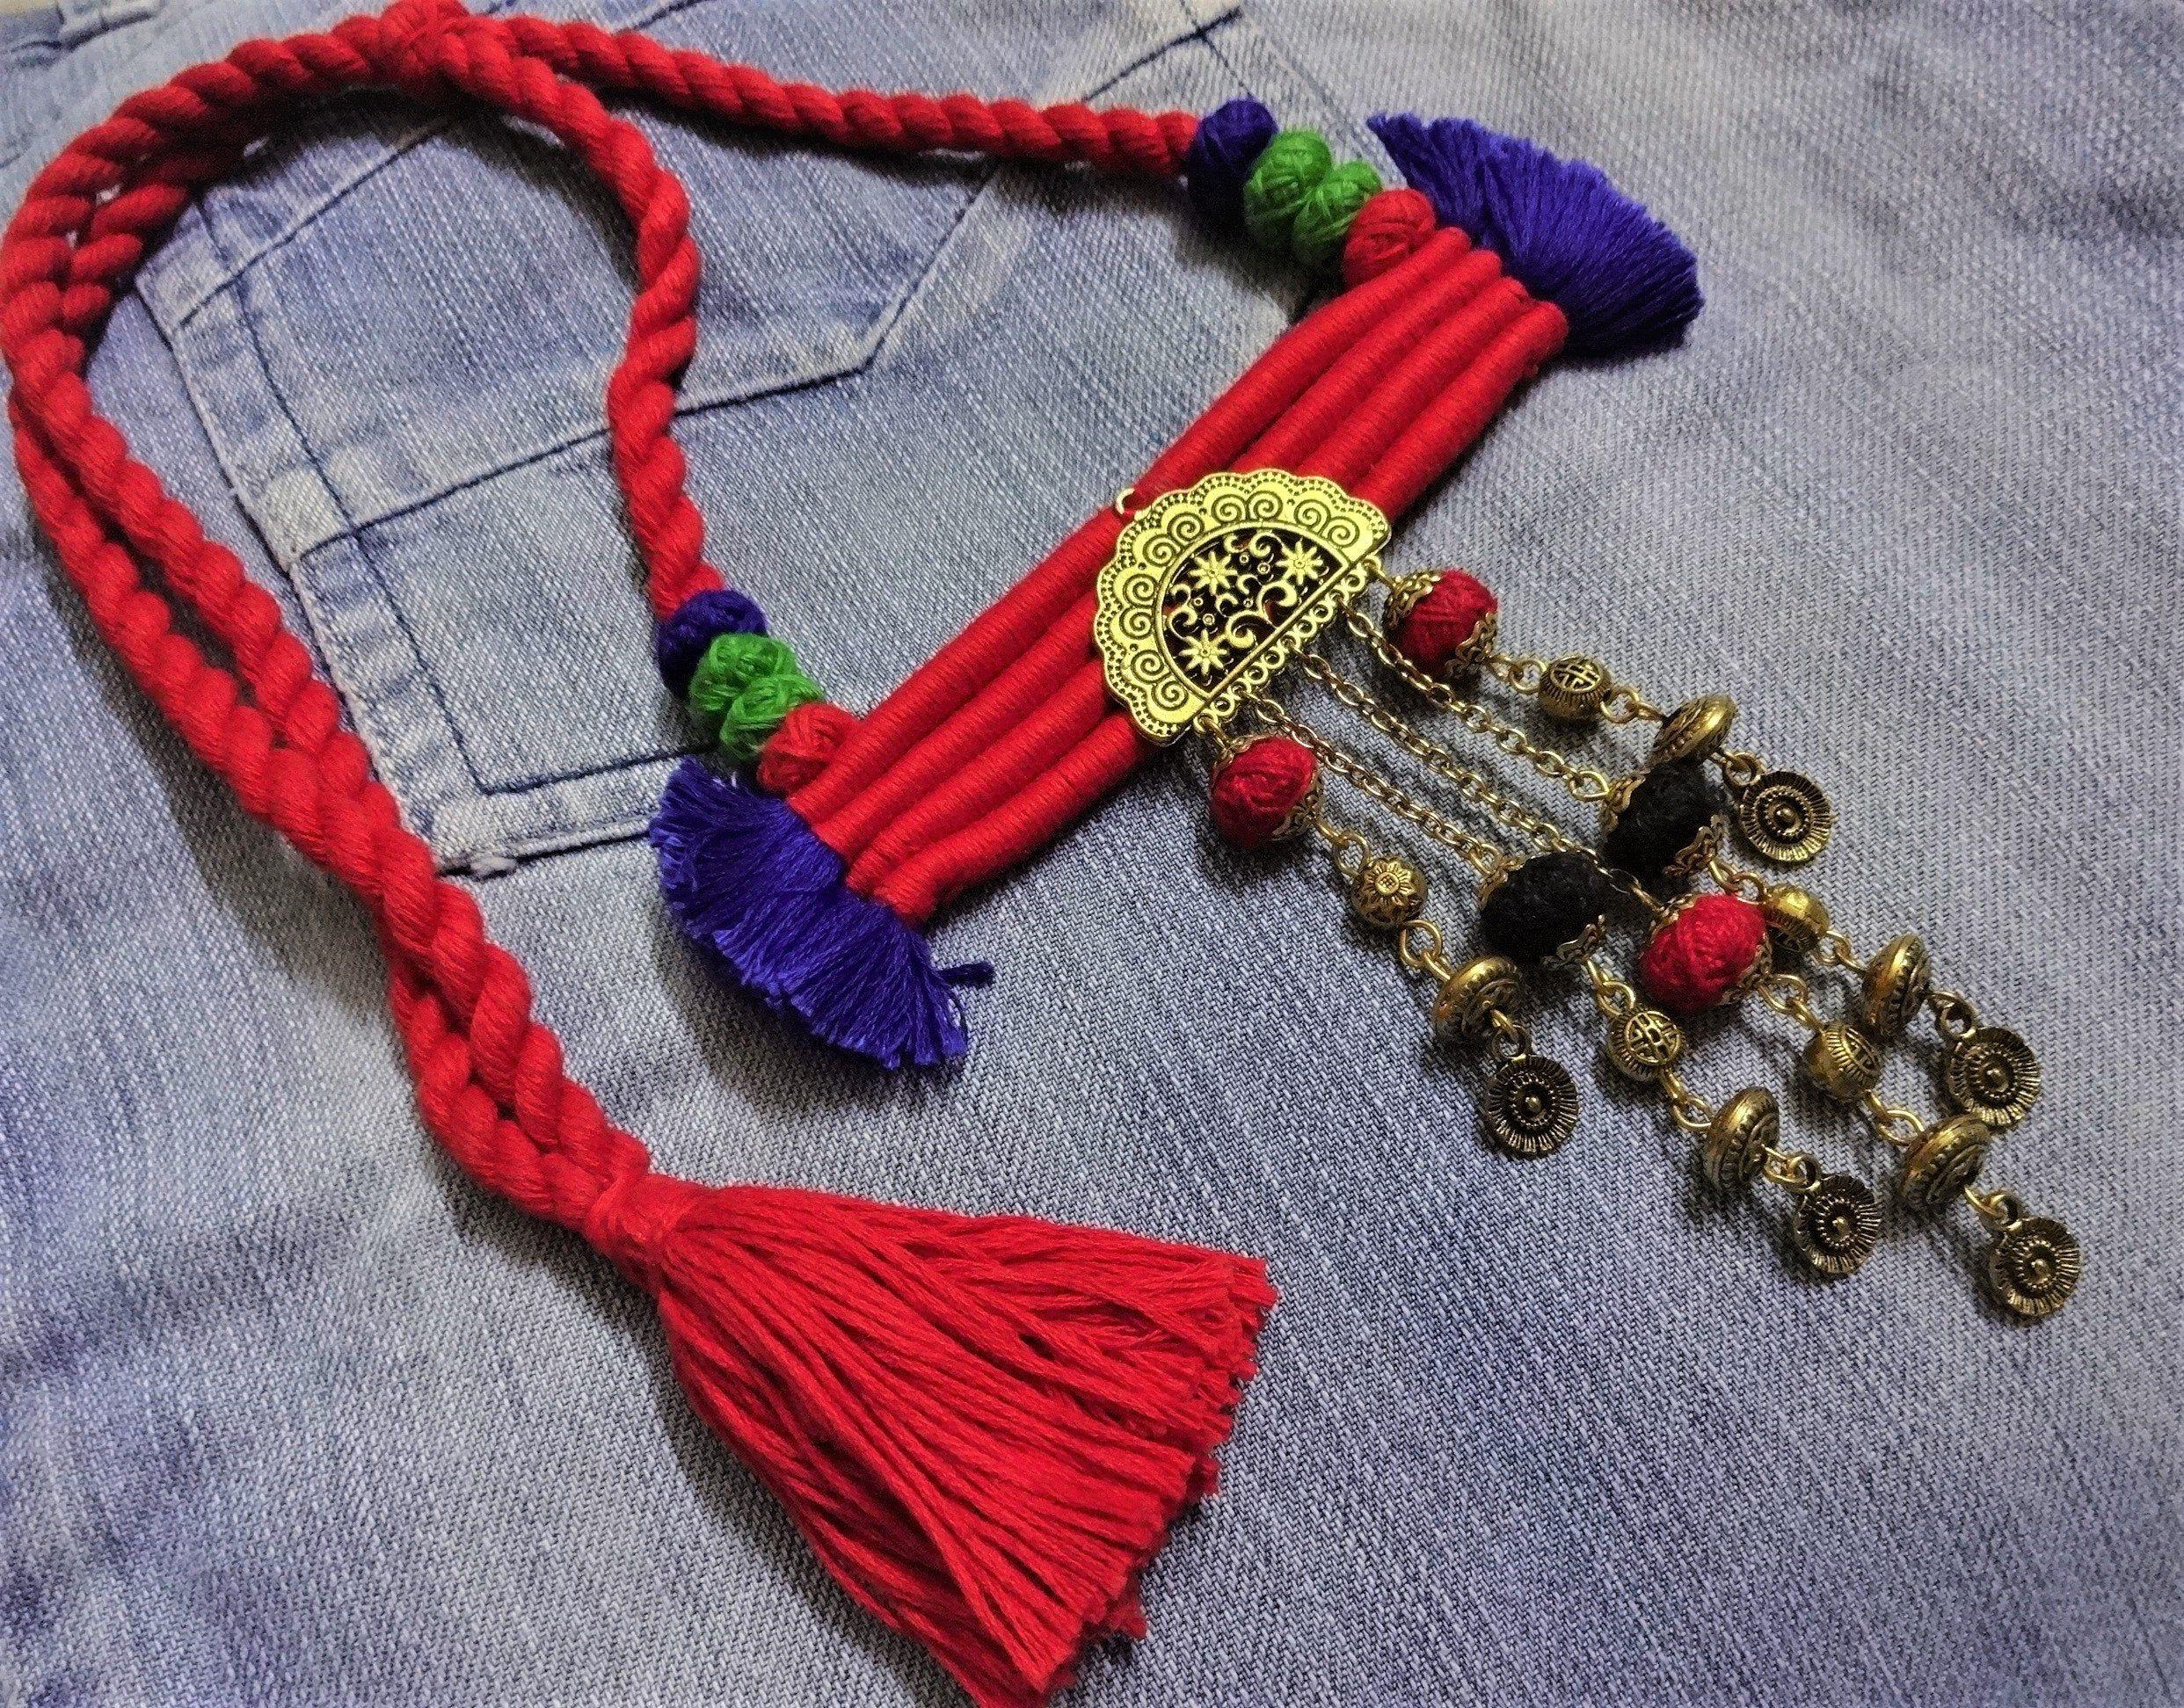 Tibétain Ethnique Banjara Tribal Inde fait main Boho Ambre Résine Noir Collier 777